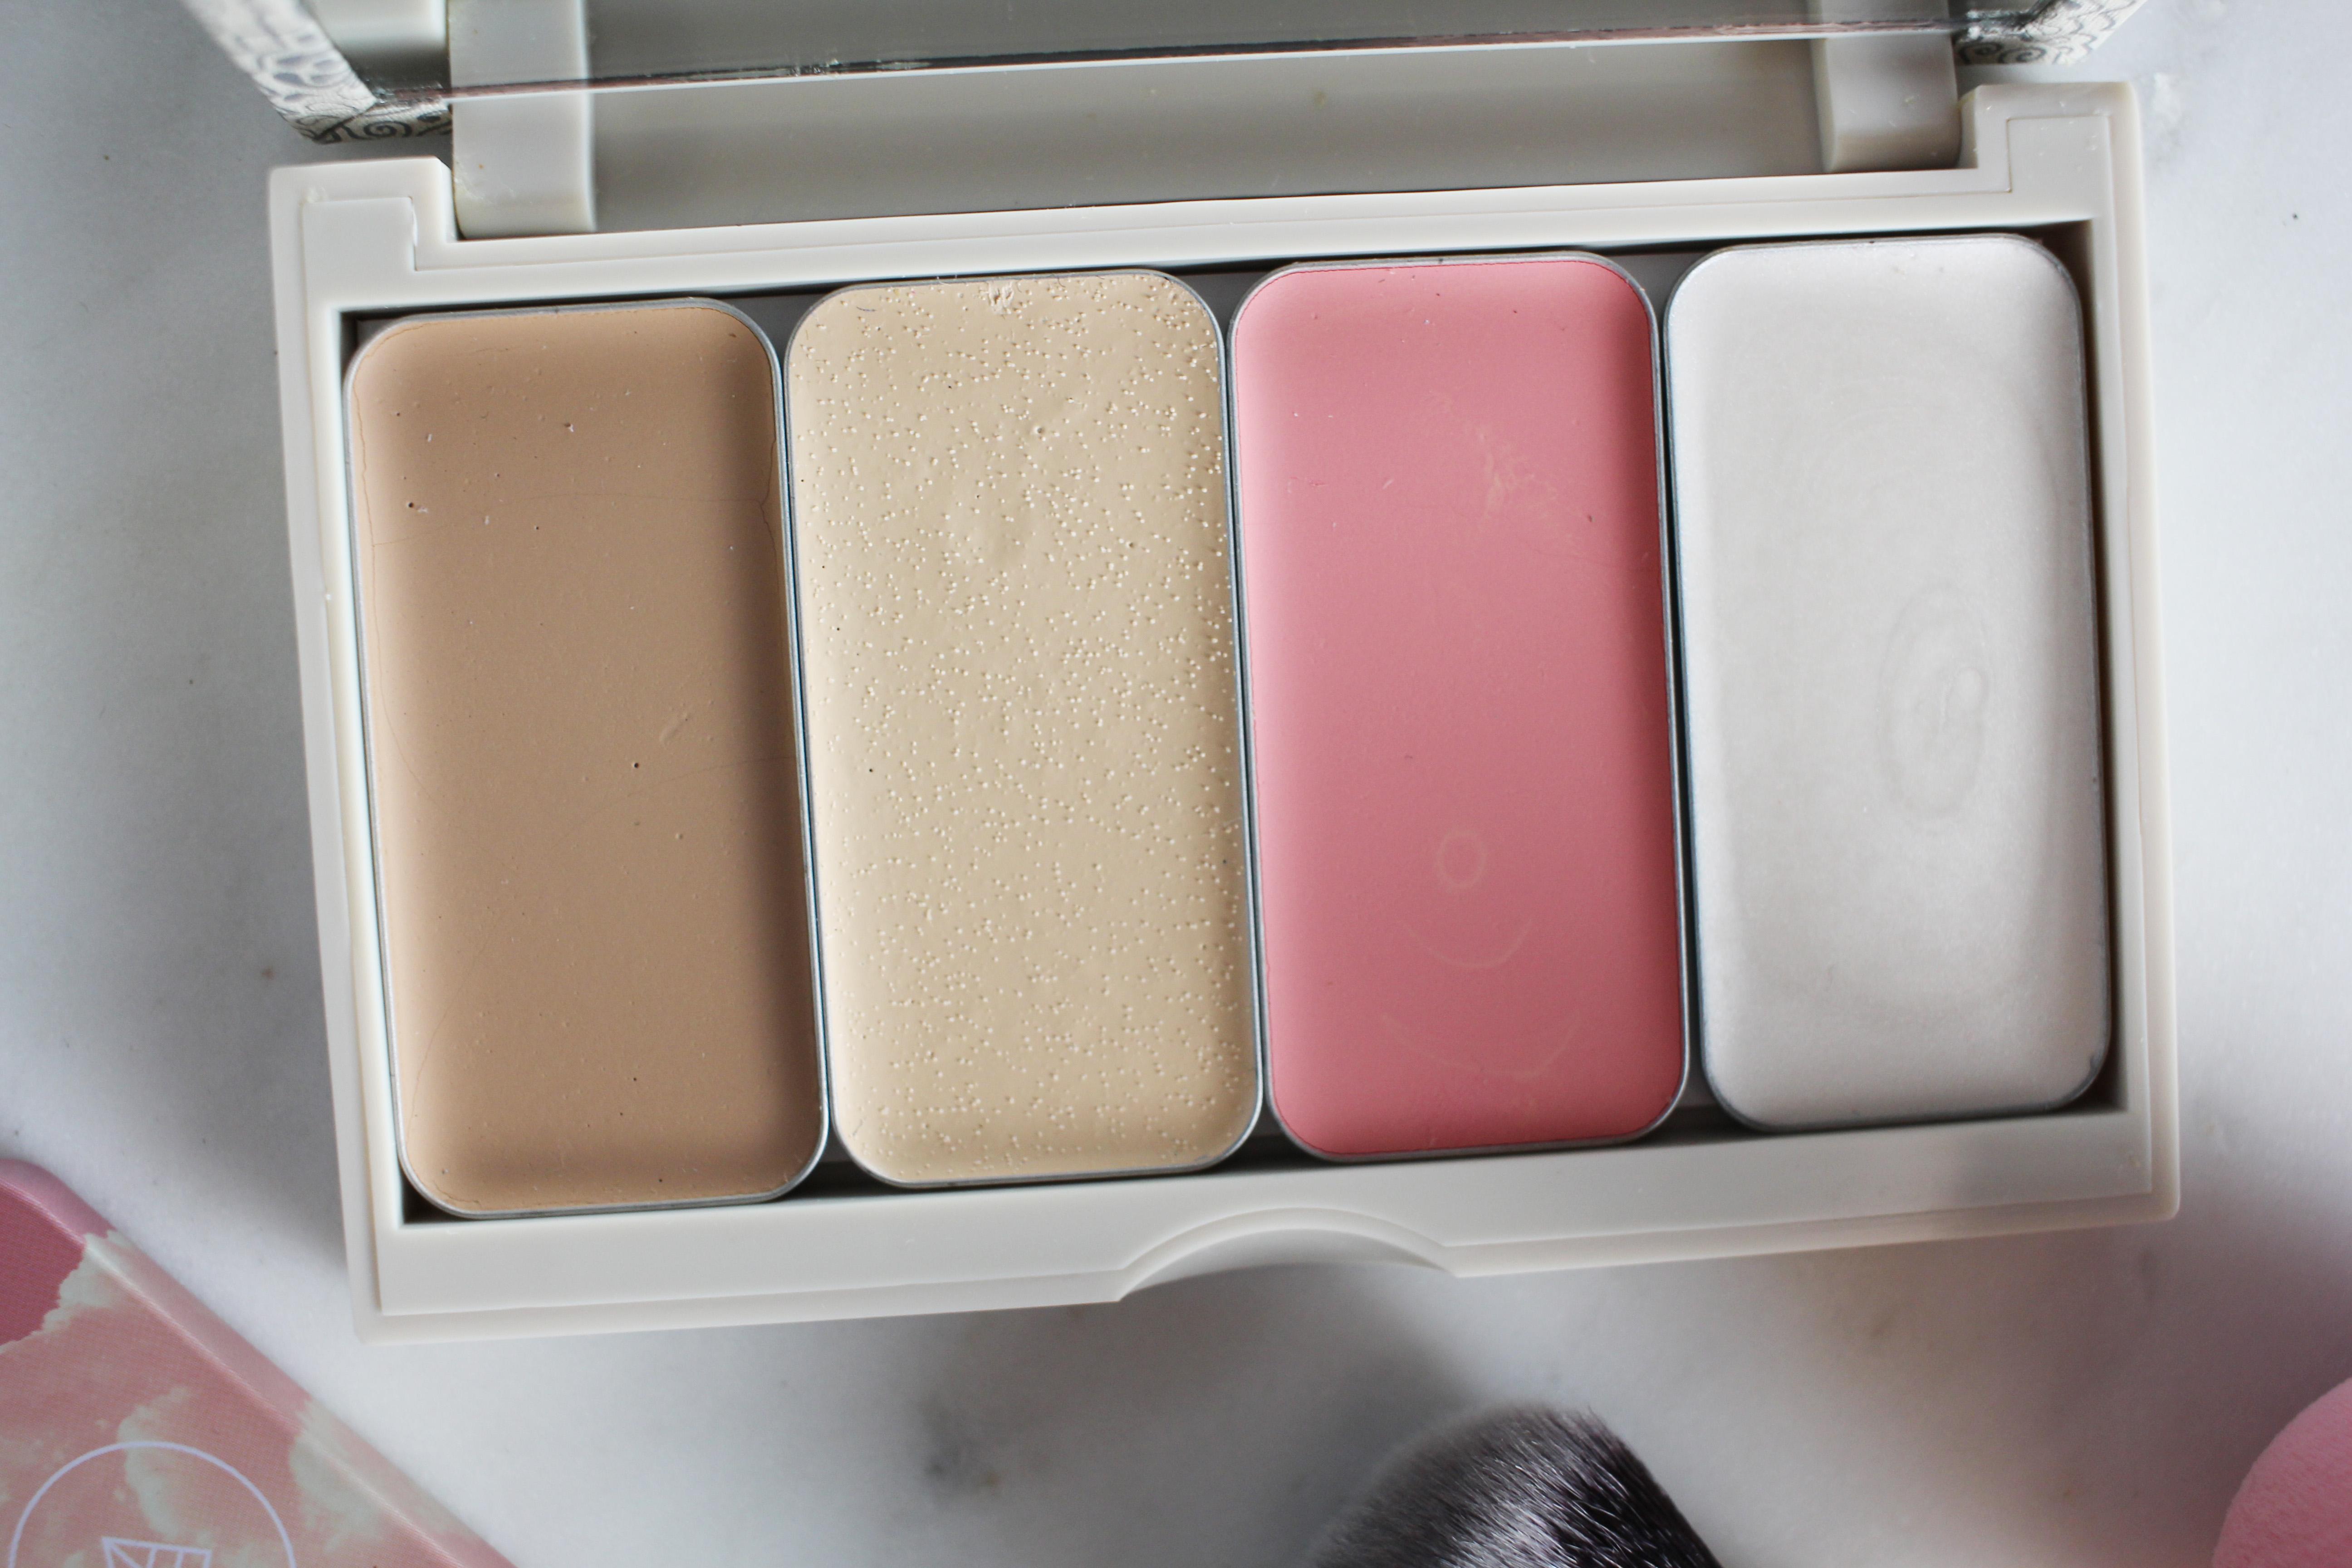 Maskcara IIID Foundation HAC palette | Maskcara Beauty Review | Maskcara Beauty Hits and Misses